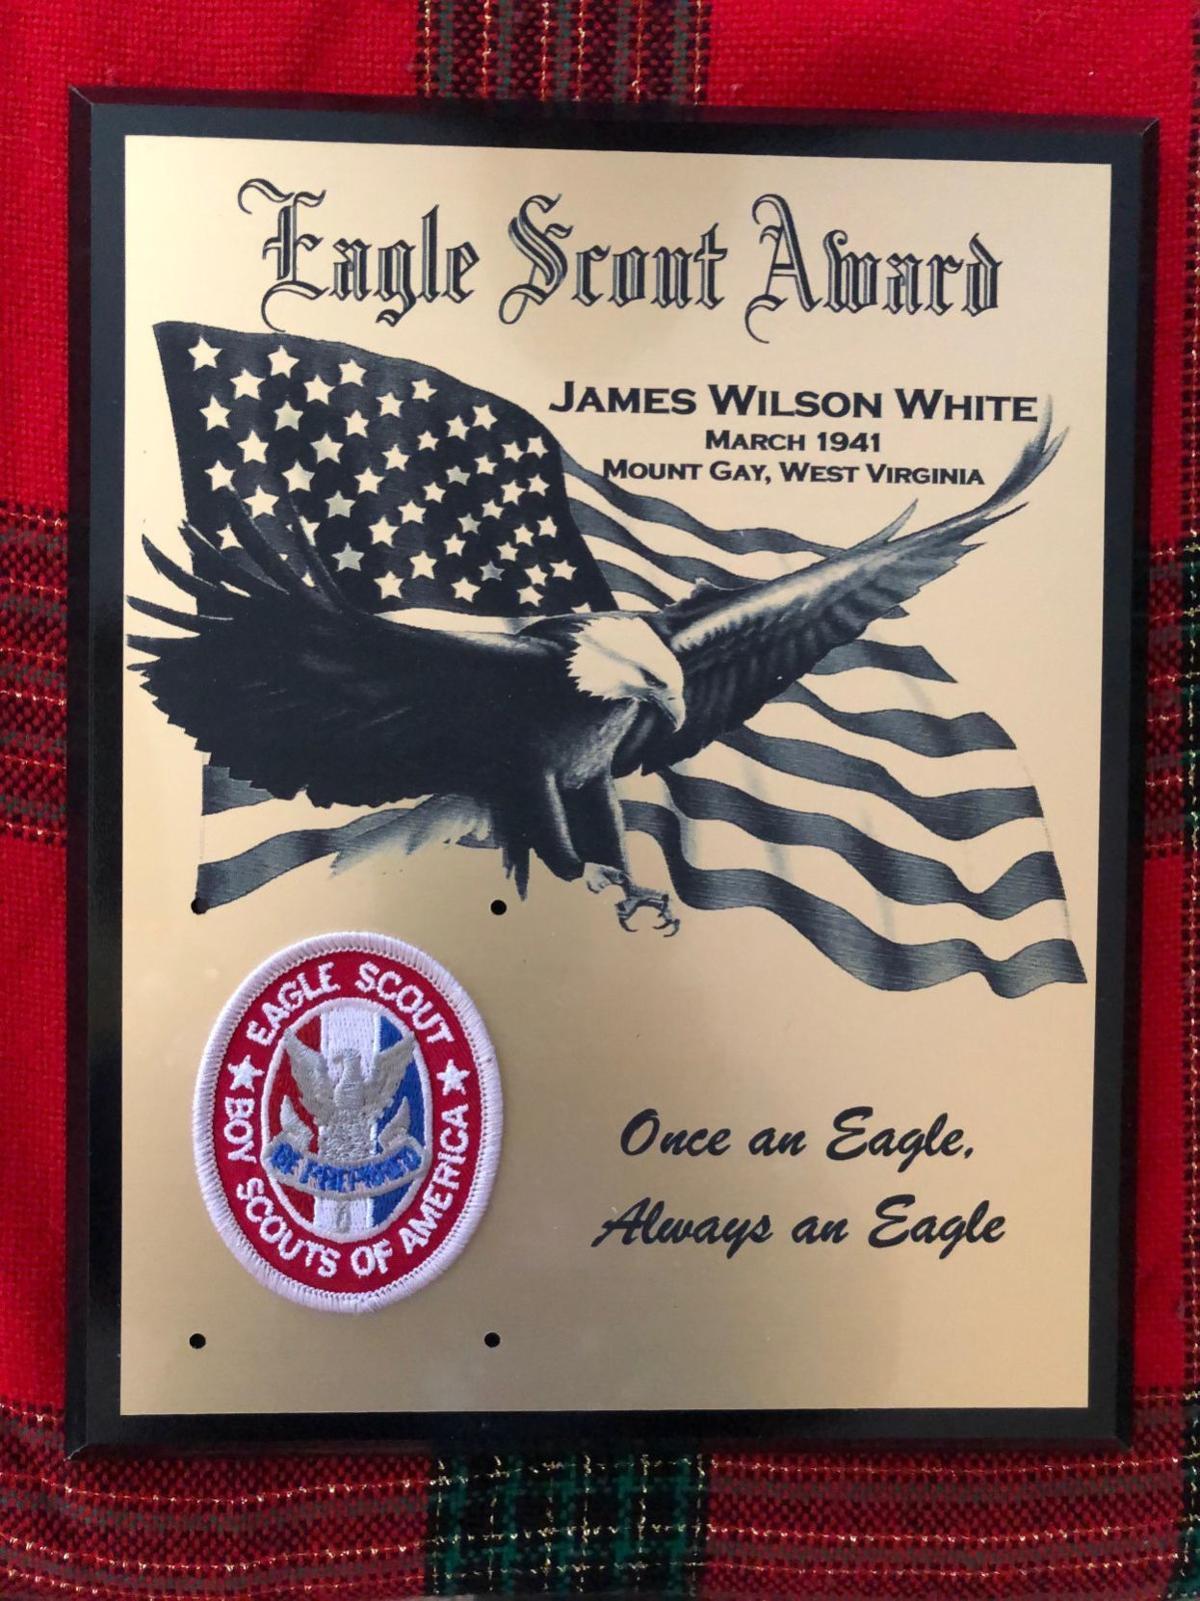 20200122-log-eagle-2.jpeg